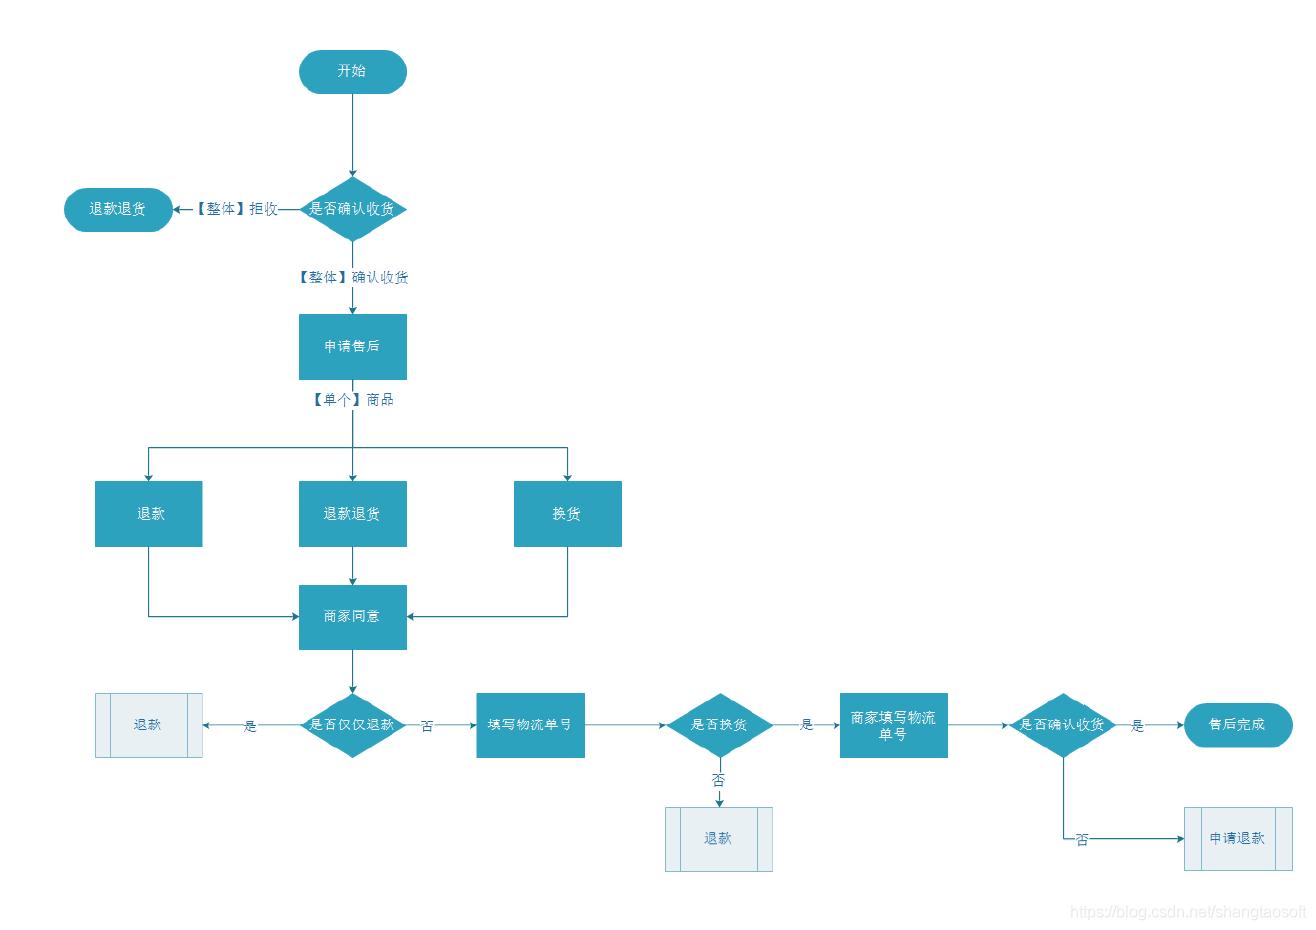 多用户商城系统退换货流程图